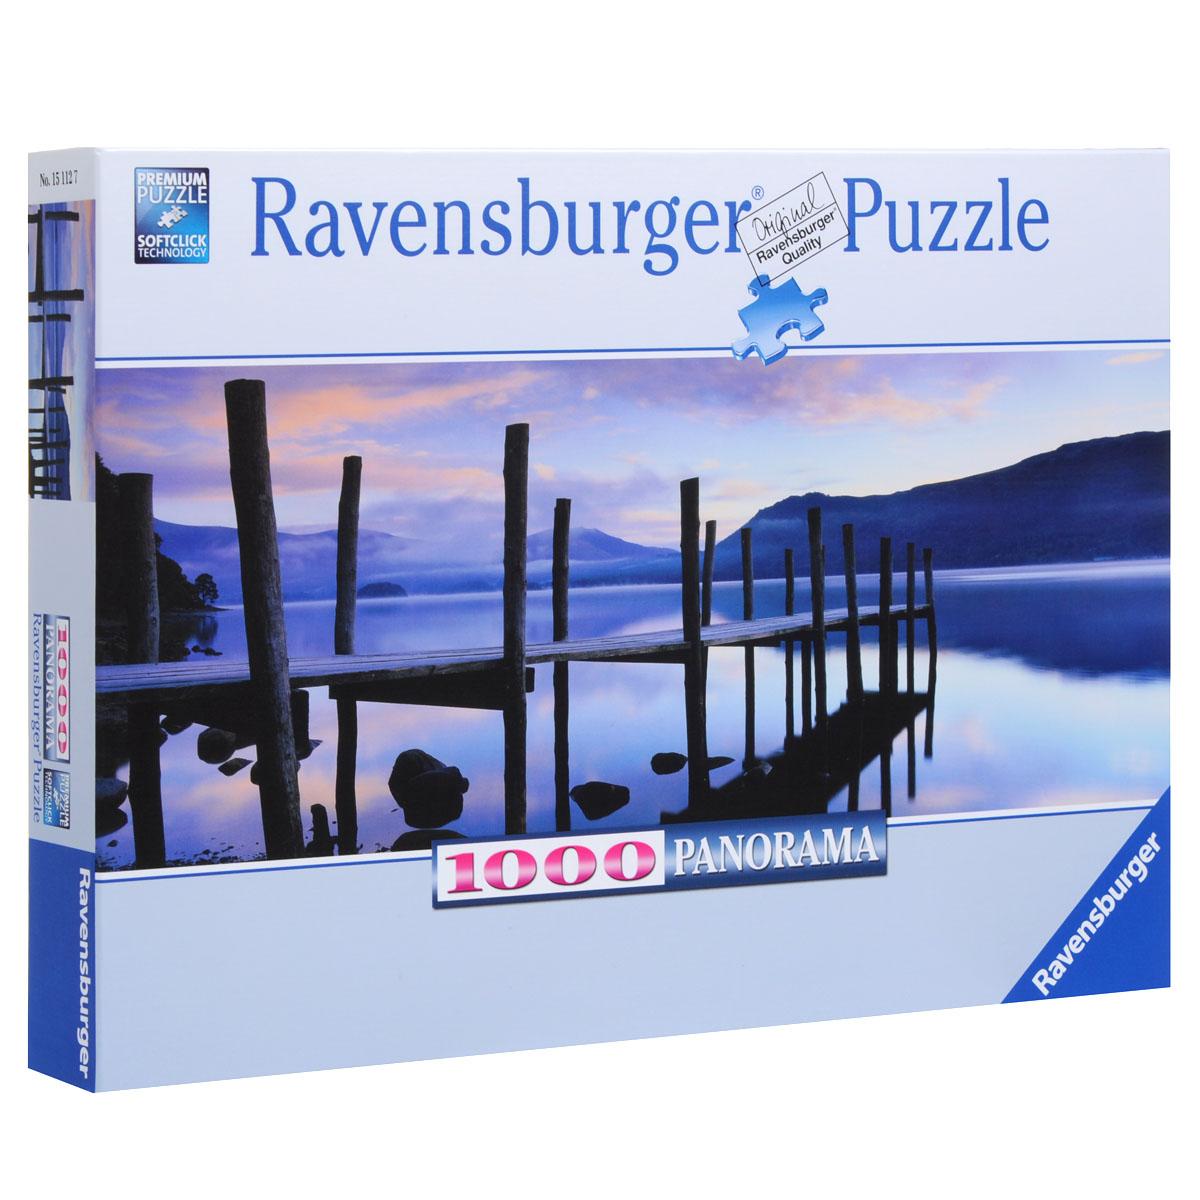 Ravensburger Идиллия на озере. Пазл панорамный, 1000 элементов15112Панорамный пазл Идиллия на озере, без сомнения, придется вам по душе, и вы получите массу удовольствия от процесса собирания картины. Собрав этот пазл, включающий в себя 1000 элементов, вы получите удивительную картину с изображением причала и спокойного озера в сумерках. Пазл - великолепная игра для семейного досуга. Сегодня собирание пазлов стало особенно популярным, главным образом, благодаря своей многообразной тематике, способной удовлетворить самый взыскательный вкус. А для детей это не только интересно, но и полезно. Собирание пазлов развивает мелкую моторику у ребенка, тренирует наблюдательность, логическое мышление, знакомит с окружающим миром, с цветом и разнообразными формами. Пазлы Ravensburger гарантируют вам удовольствие от сборки картины, главным образом, благодаря следующим преимуществам: Отсутствие двух одинаковых деталей обеспечено использованием вручную изготовленного инструментария; Частицы идеально соединяются; Матовая...